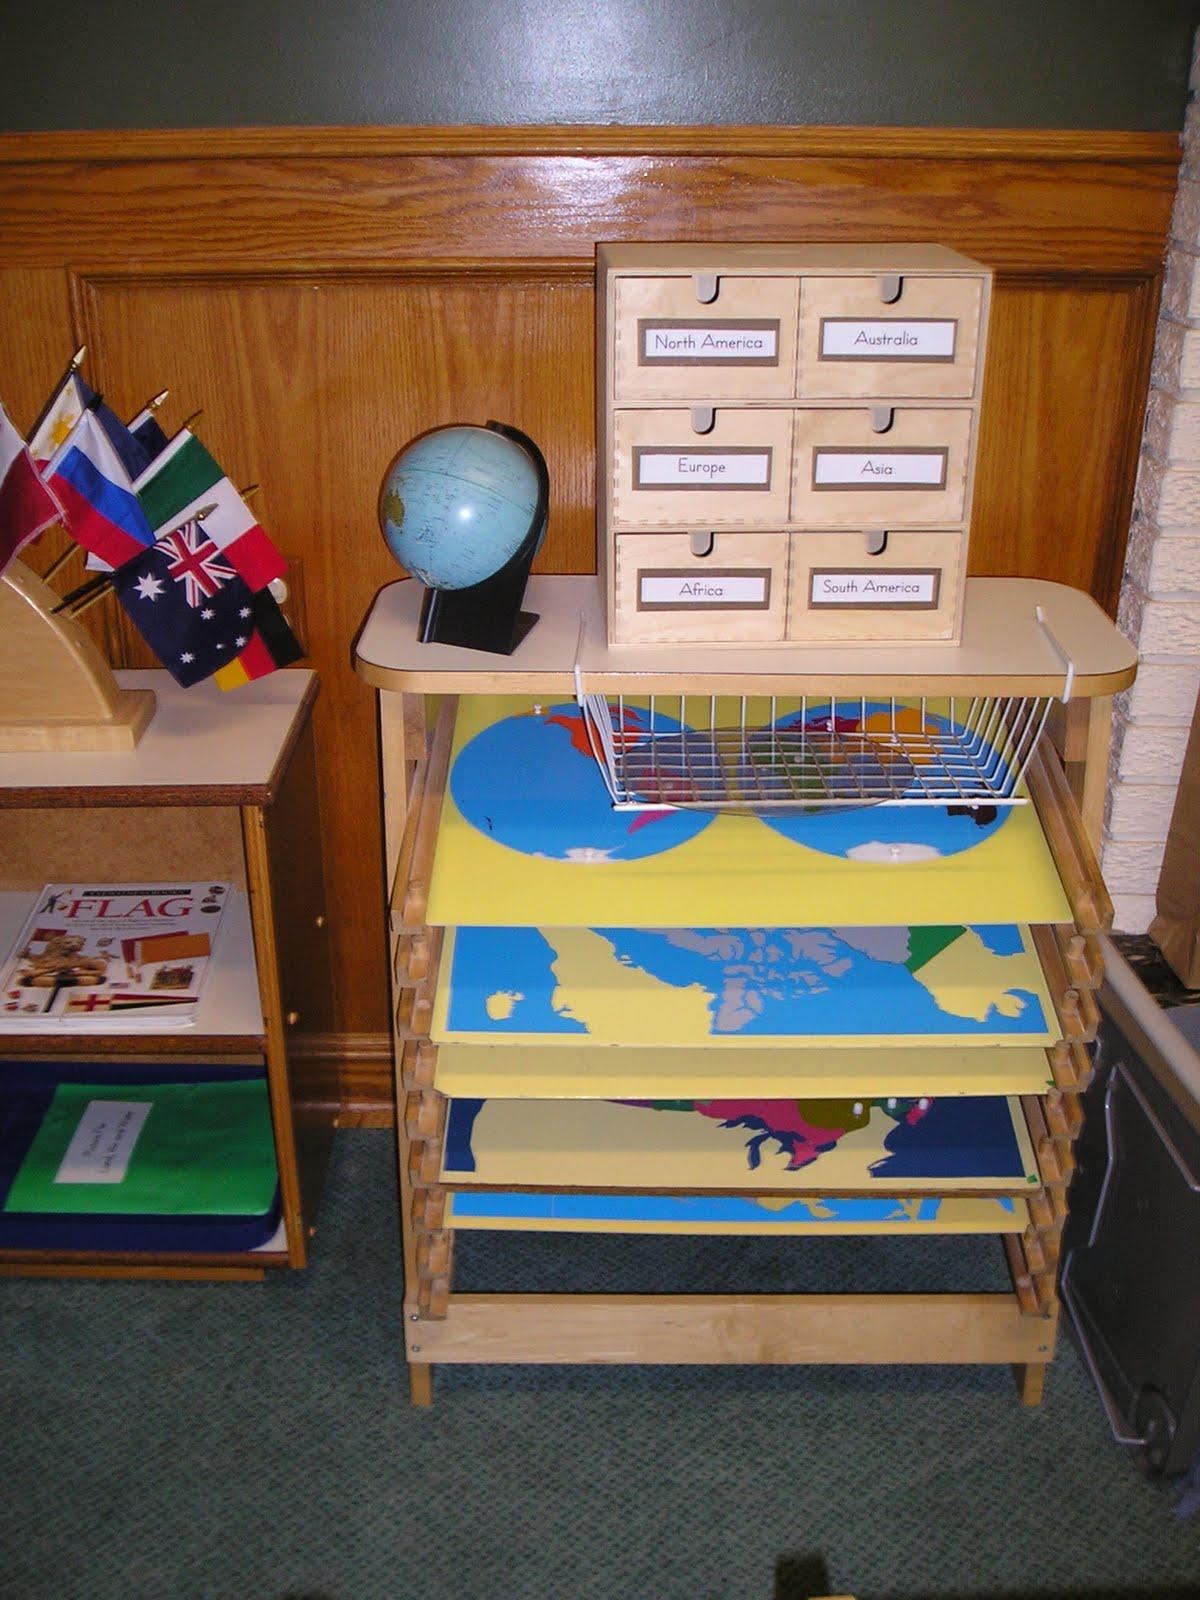 Classroom Decoration Ideas For Montessori ~ The montessori prepared environment subject areas and